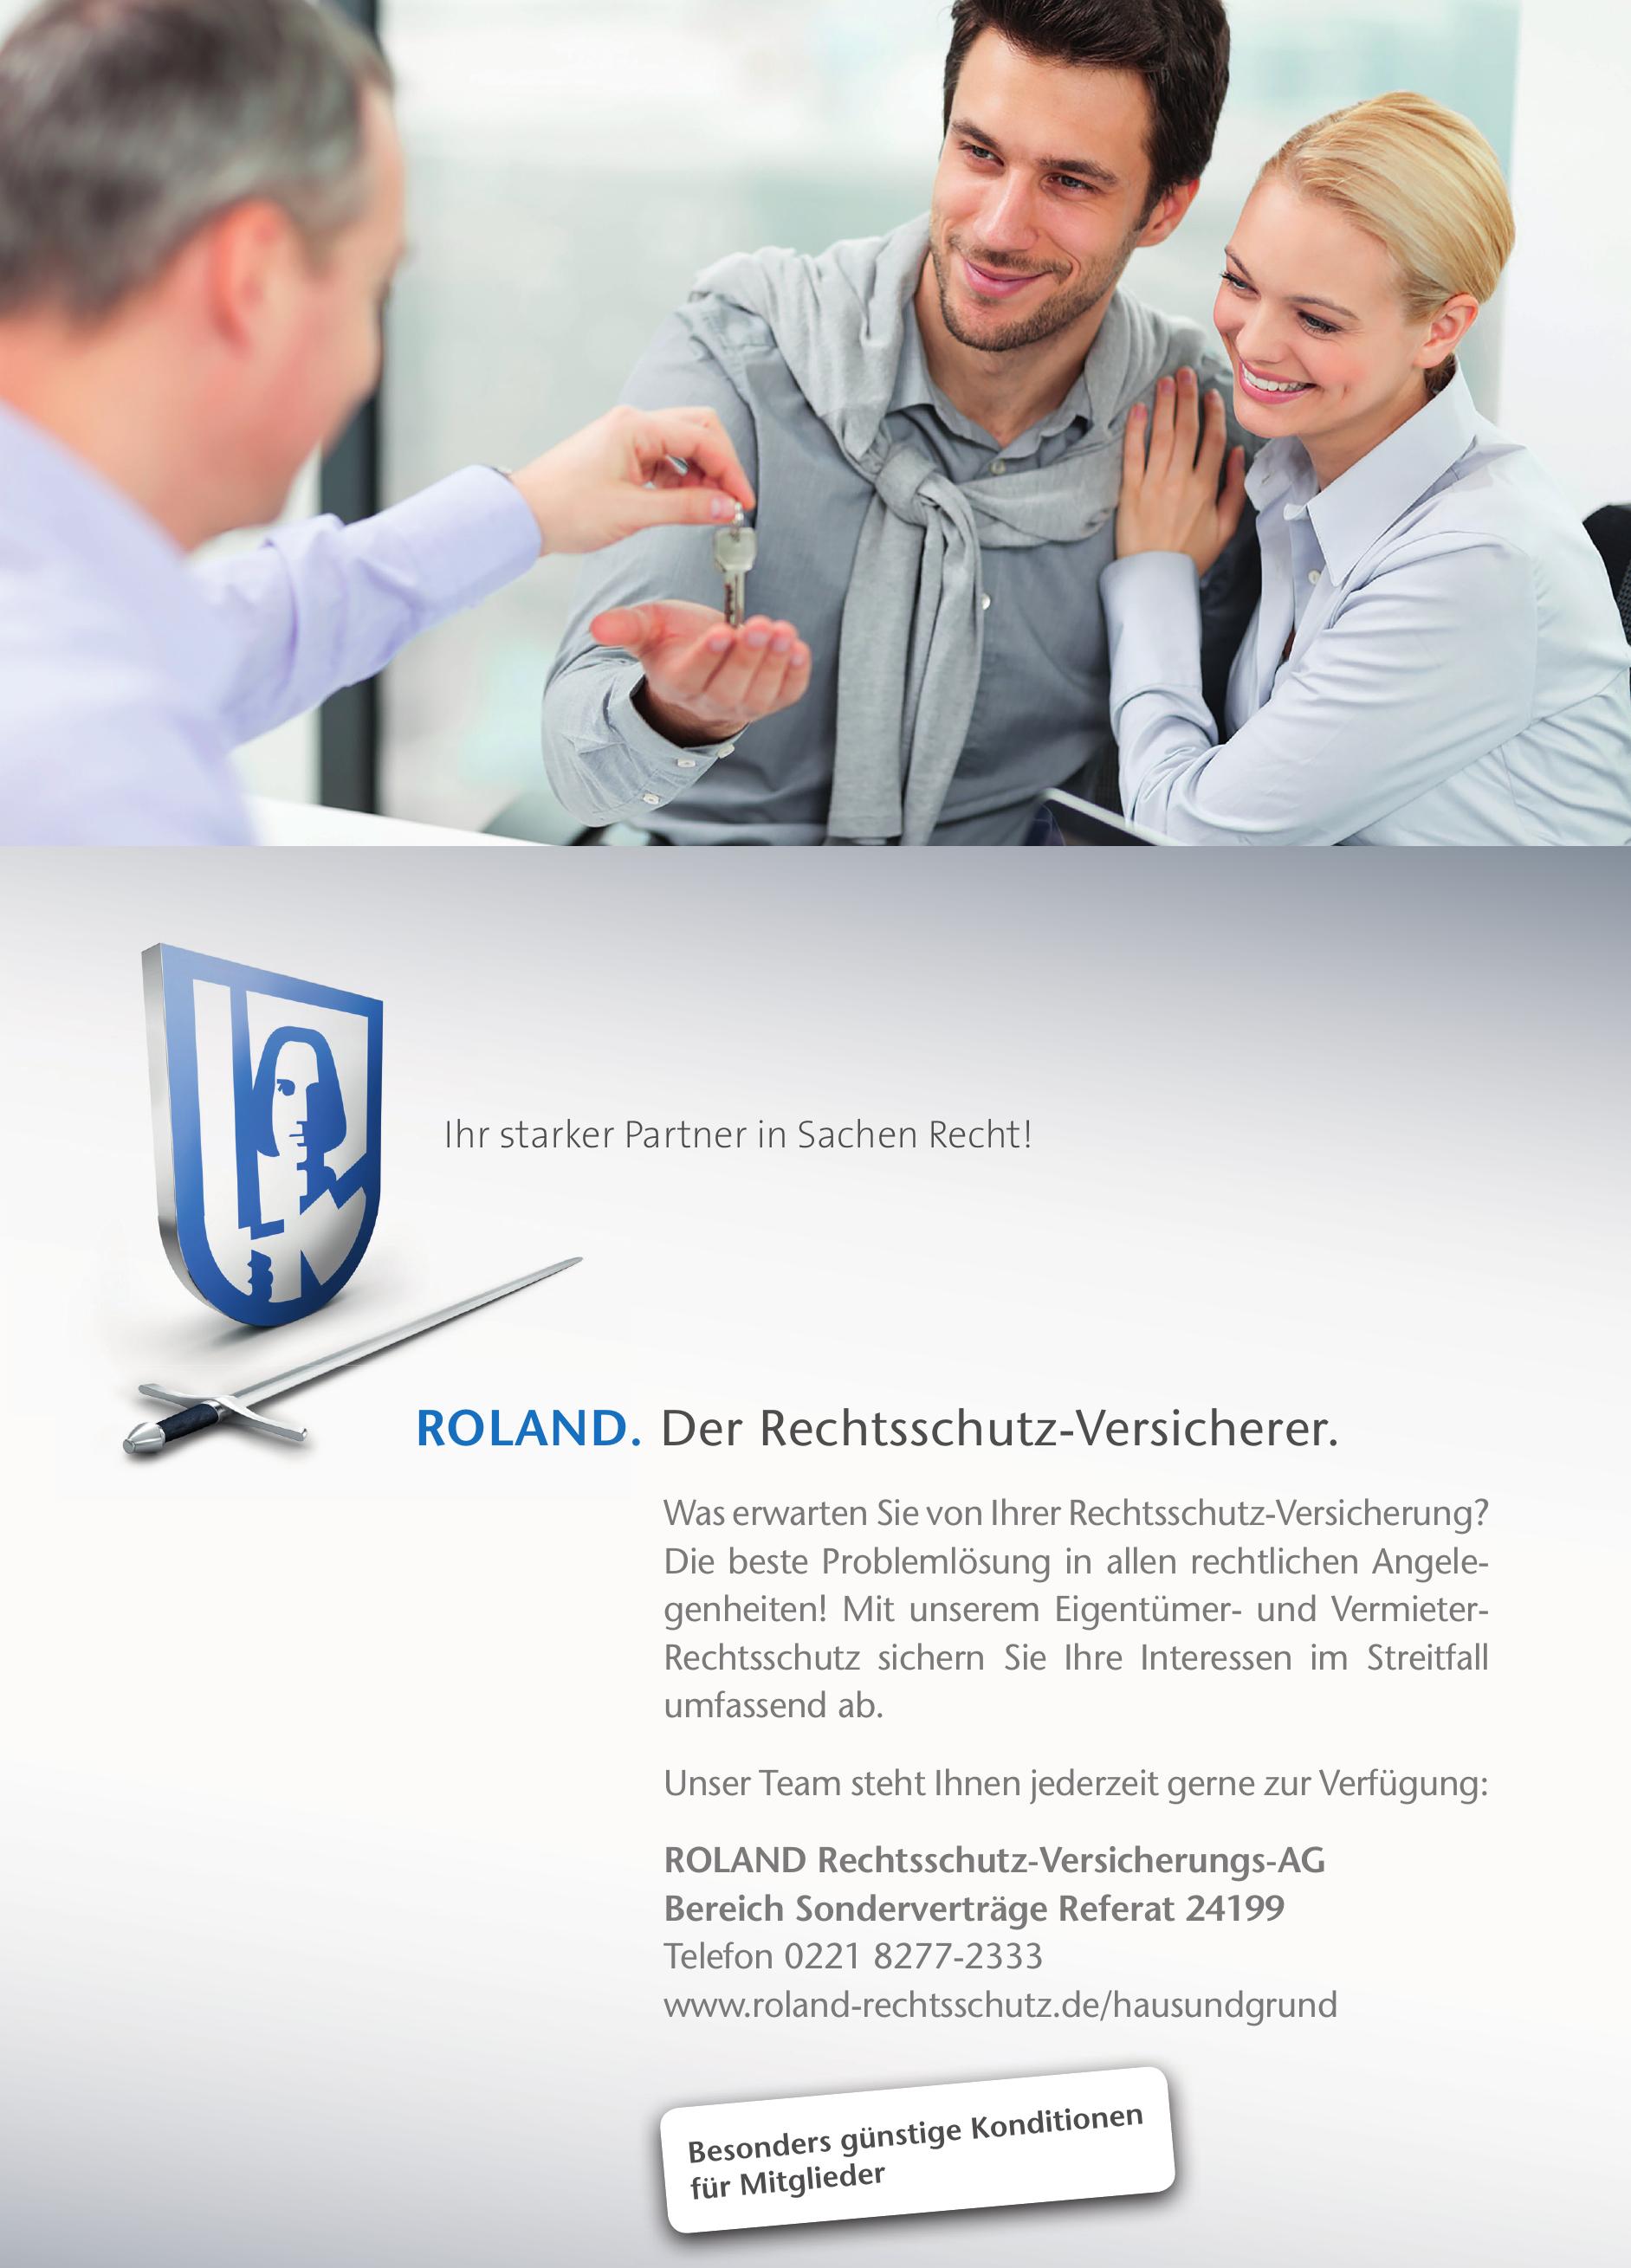 ROLAND Rechtsschutz-Versicherungs-AG